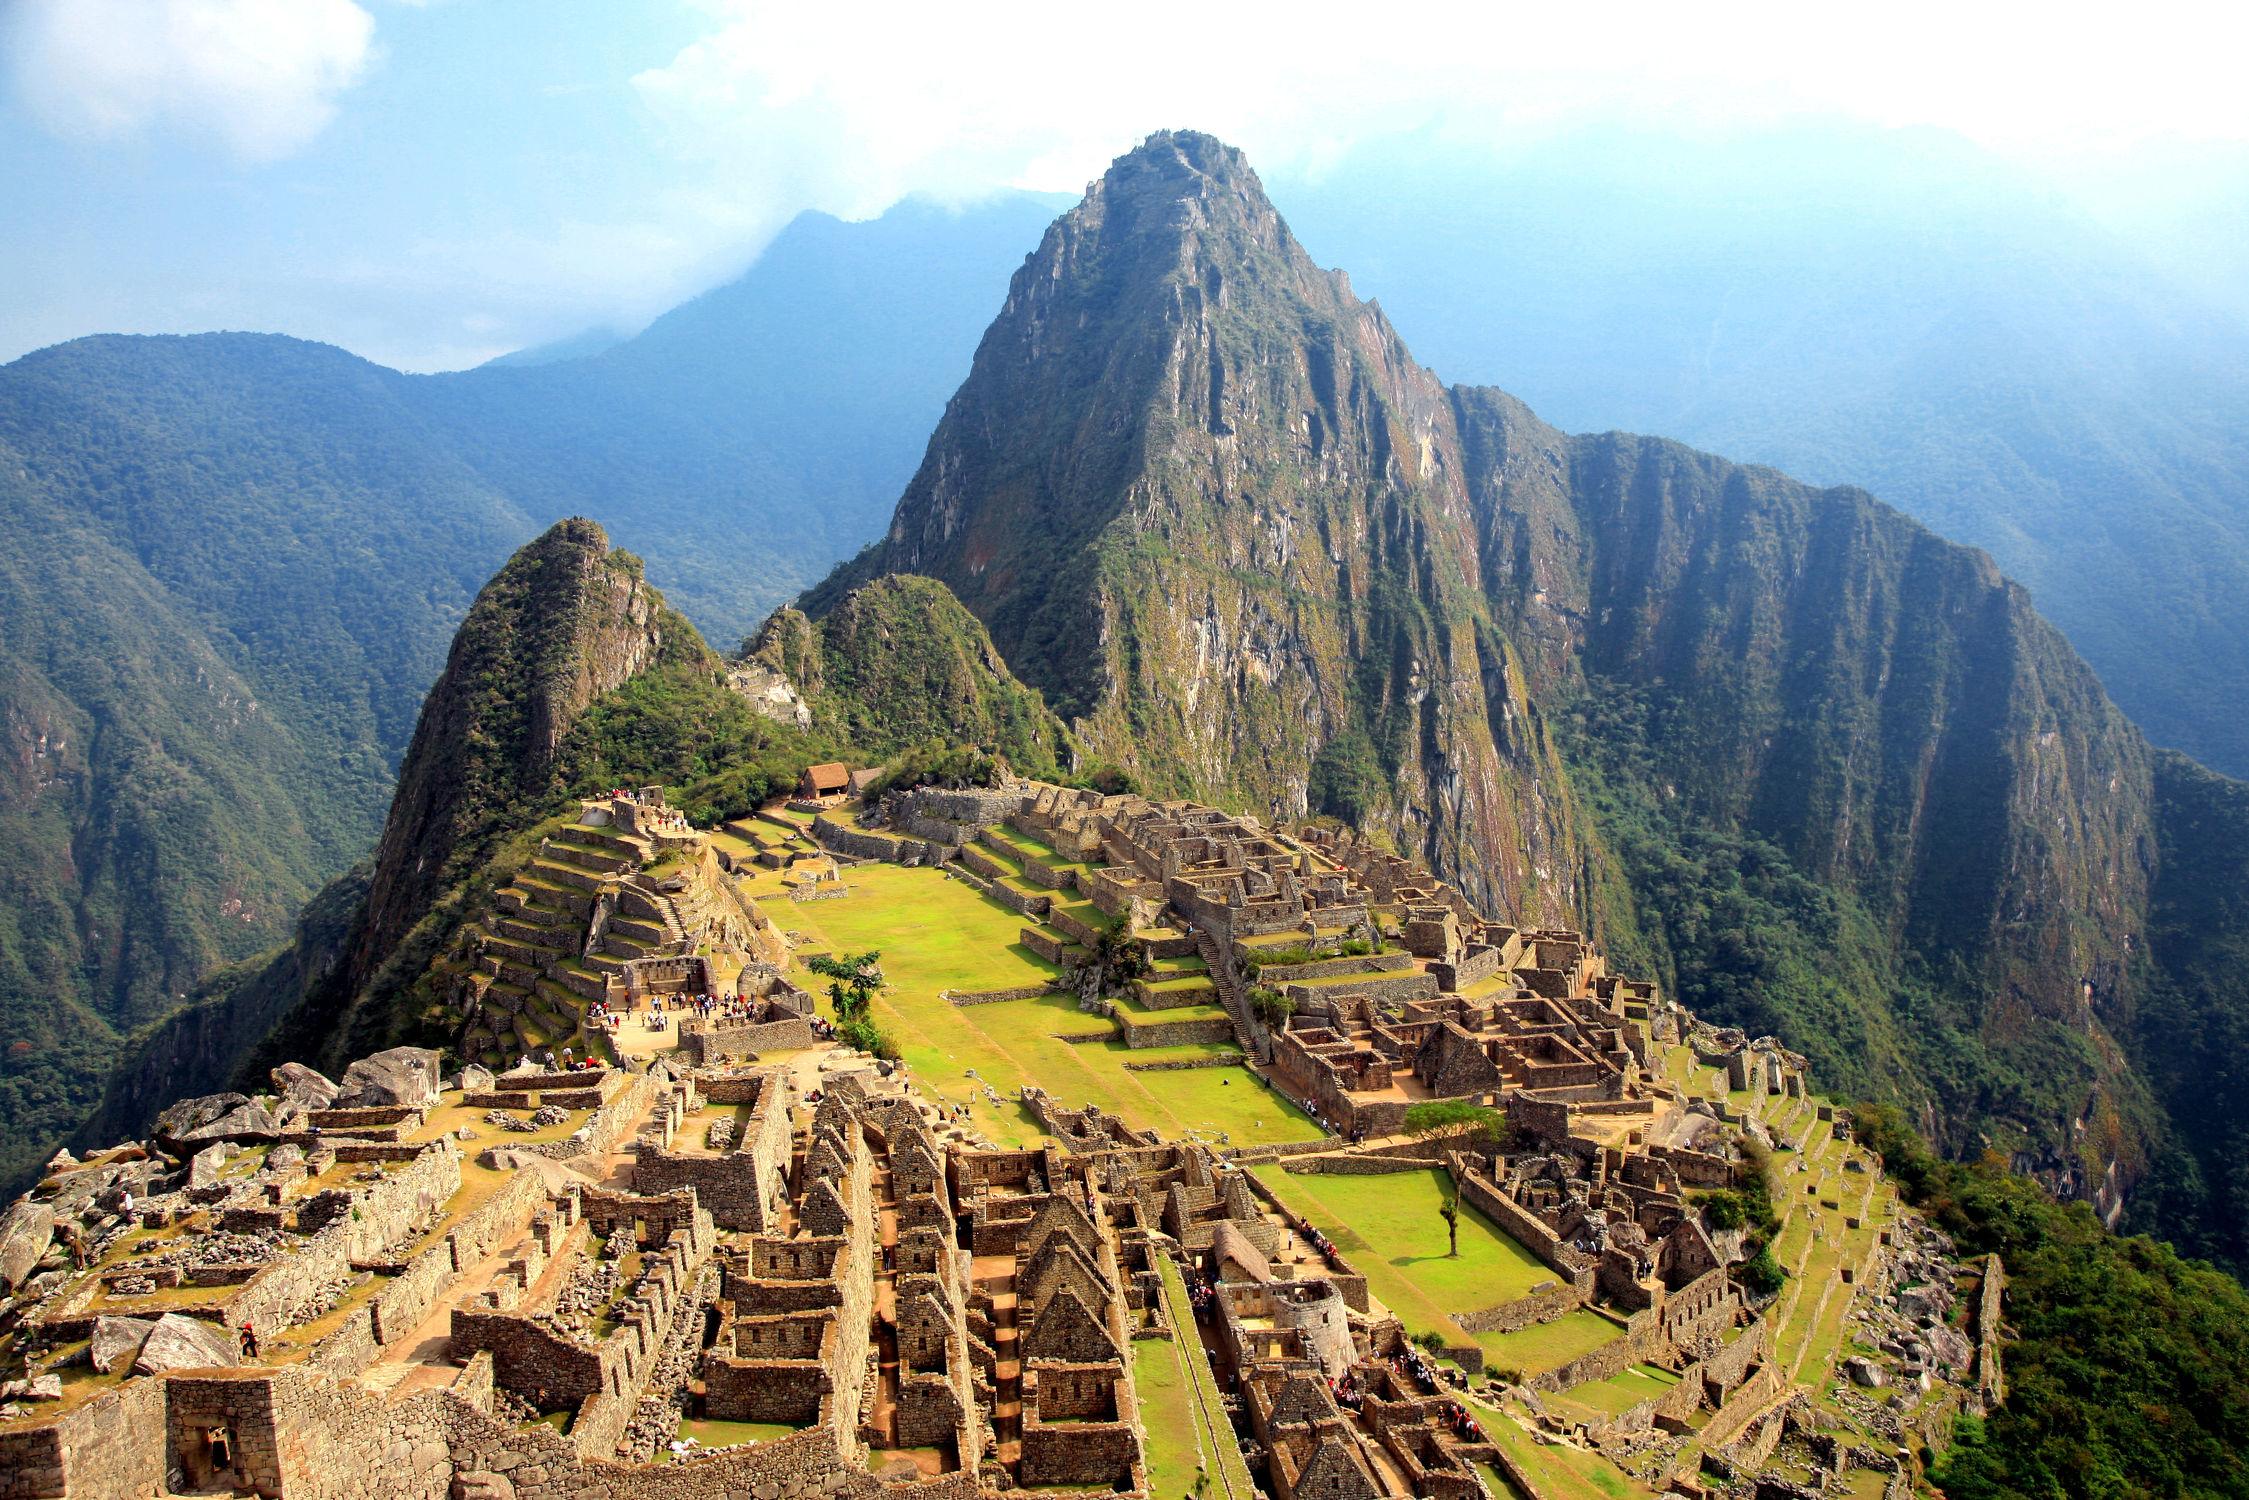 Bild mit Natur, Landschaften, Urlaub, Landschaft, Ferien, Reisen, Reise, alt, abenteuer, Inka, Inkas, Inka village